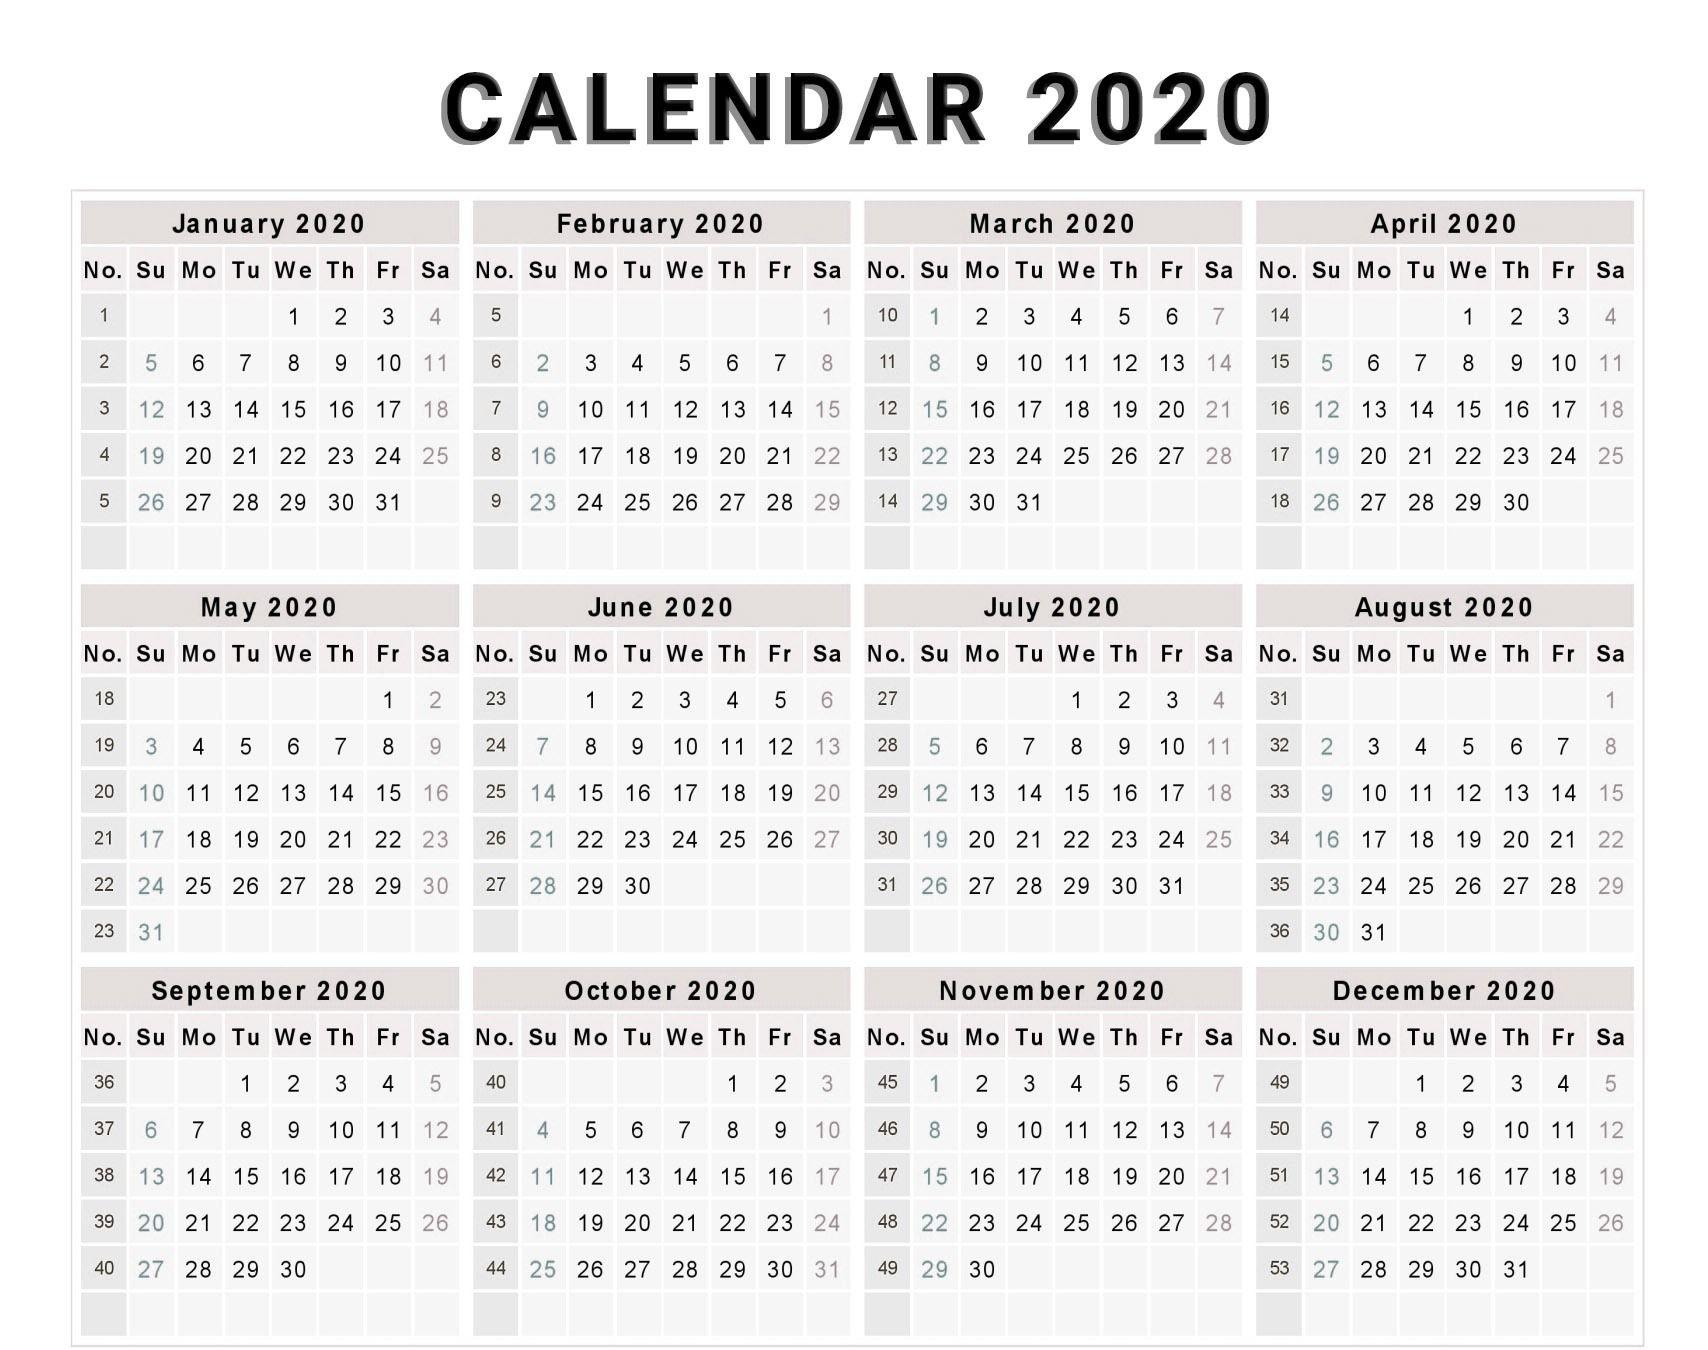 week number calendar